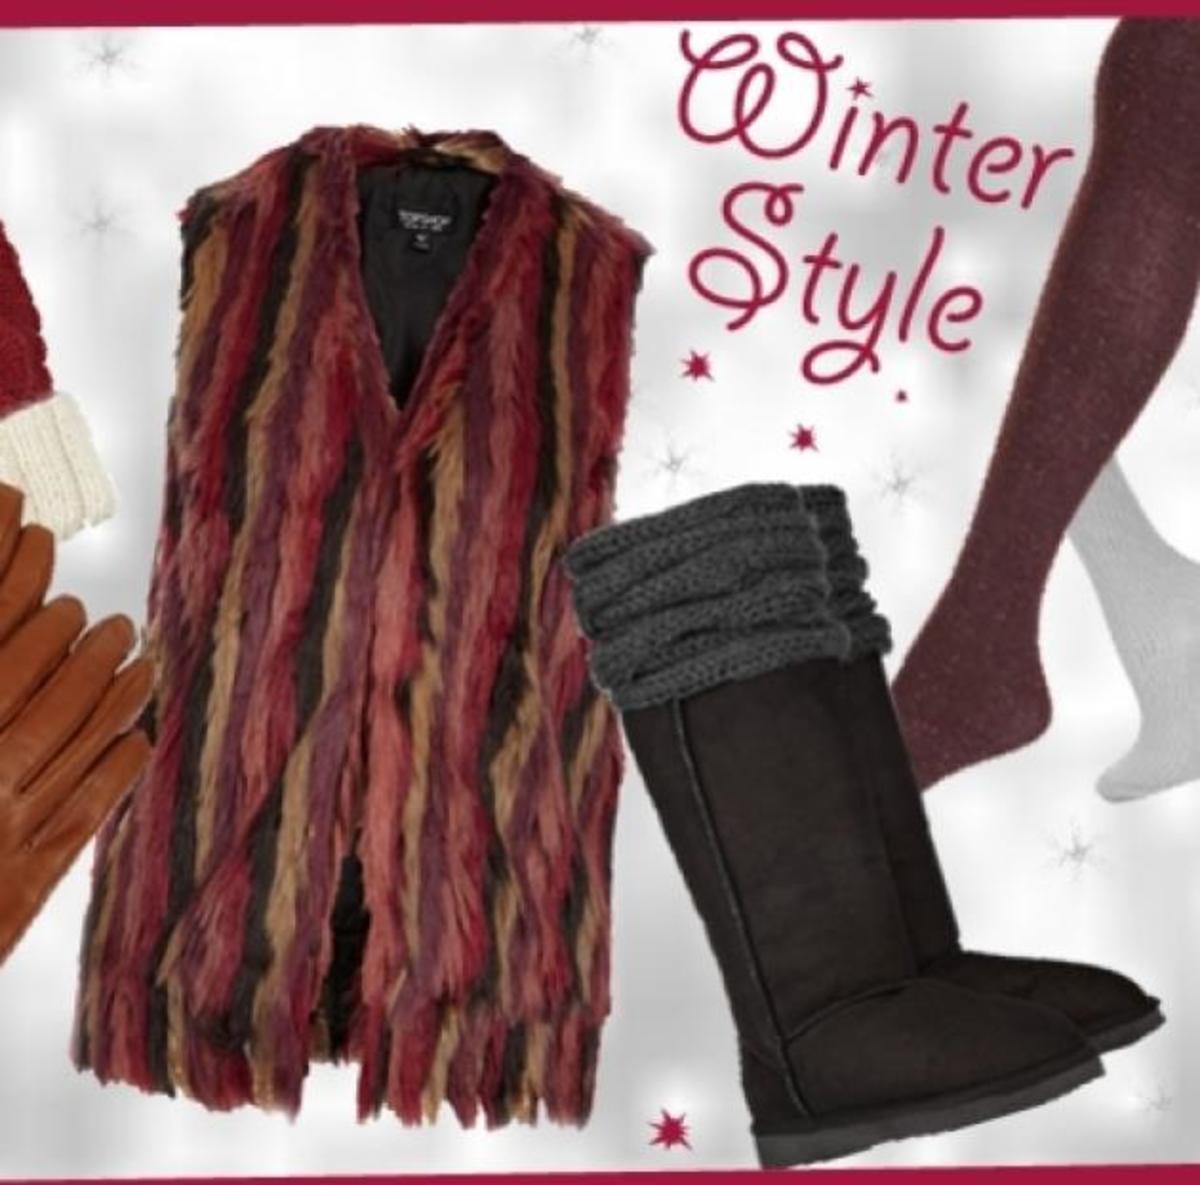 Τι να φοράω στο κρύο ώστε να μην χάνω το στιλ μου; | Newsit.gr